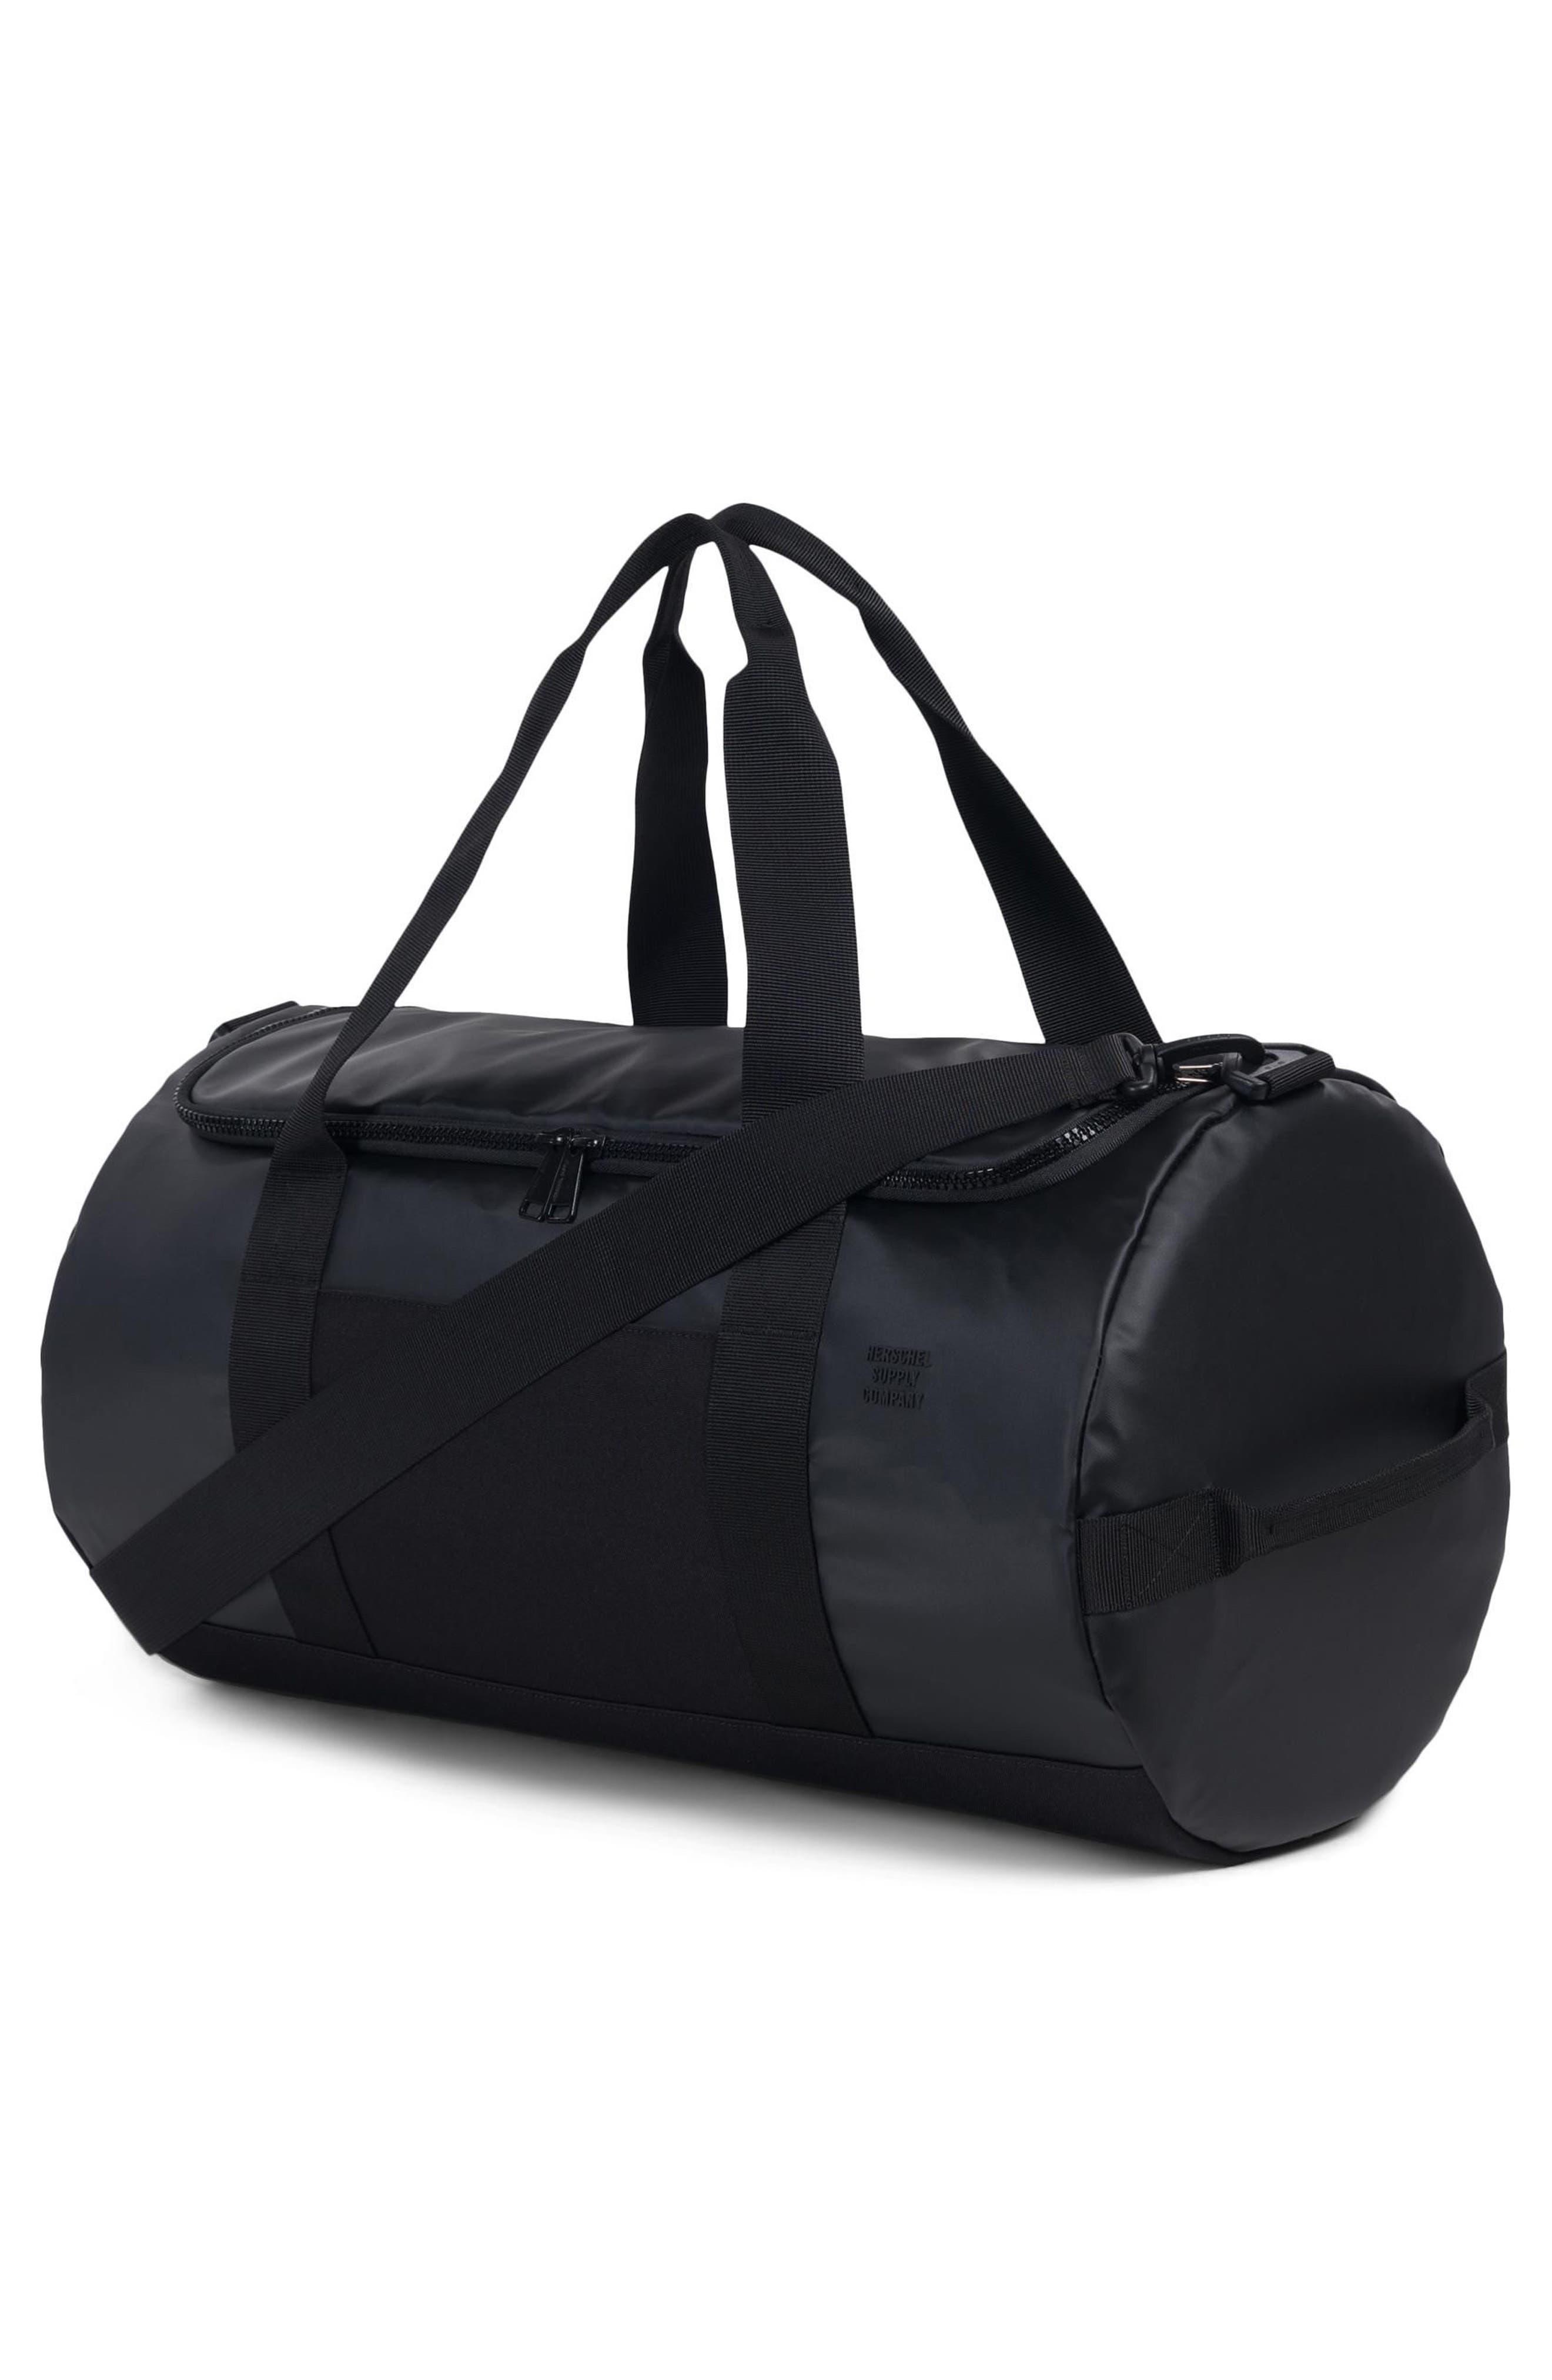 Sutton Polycoat Studio Duffel Bag,                             Alternate thumbnail 2, color,                             BLACK